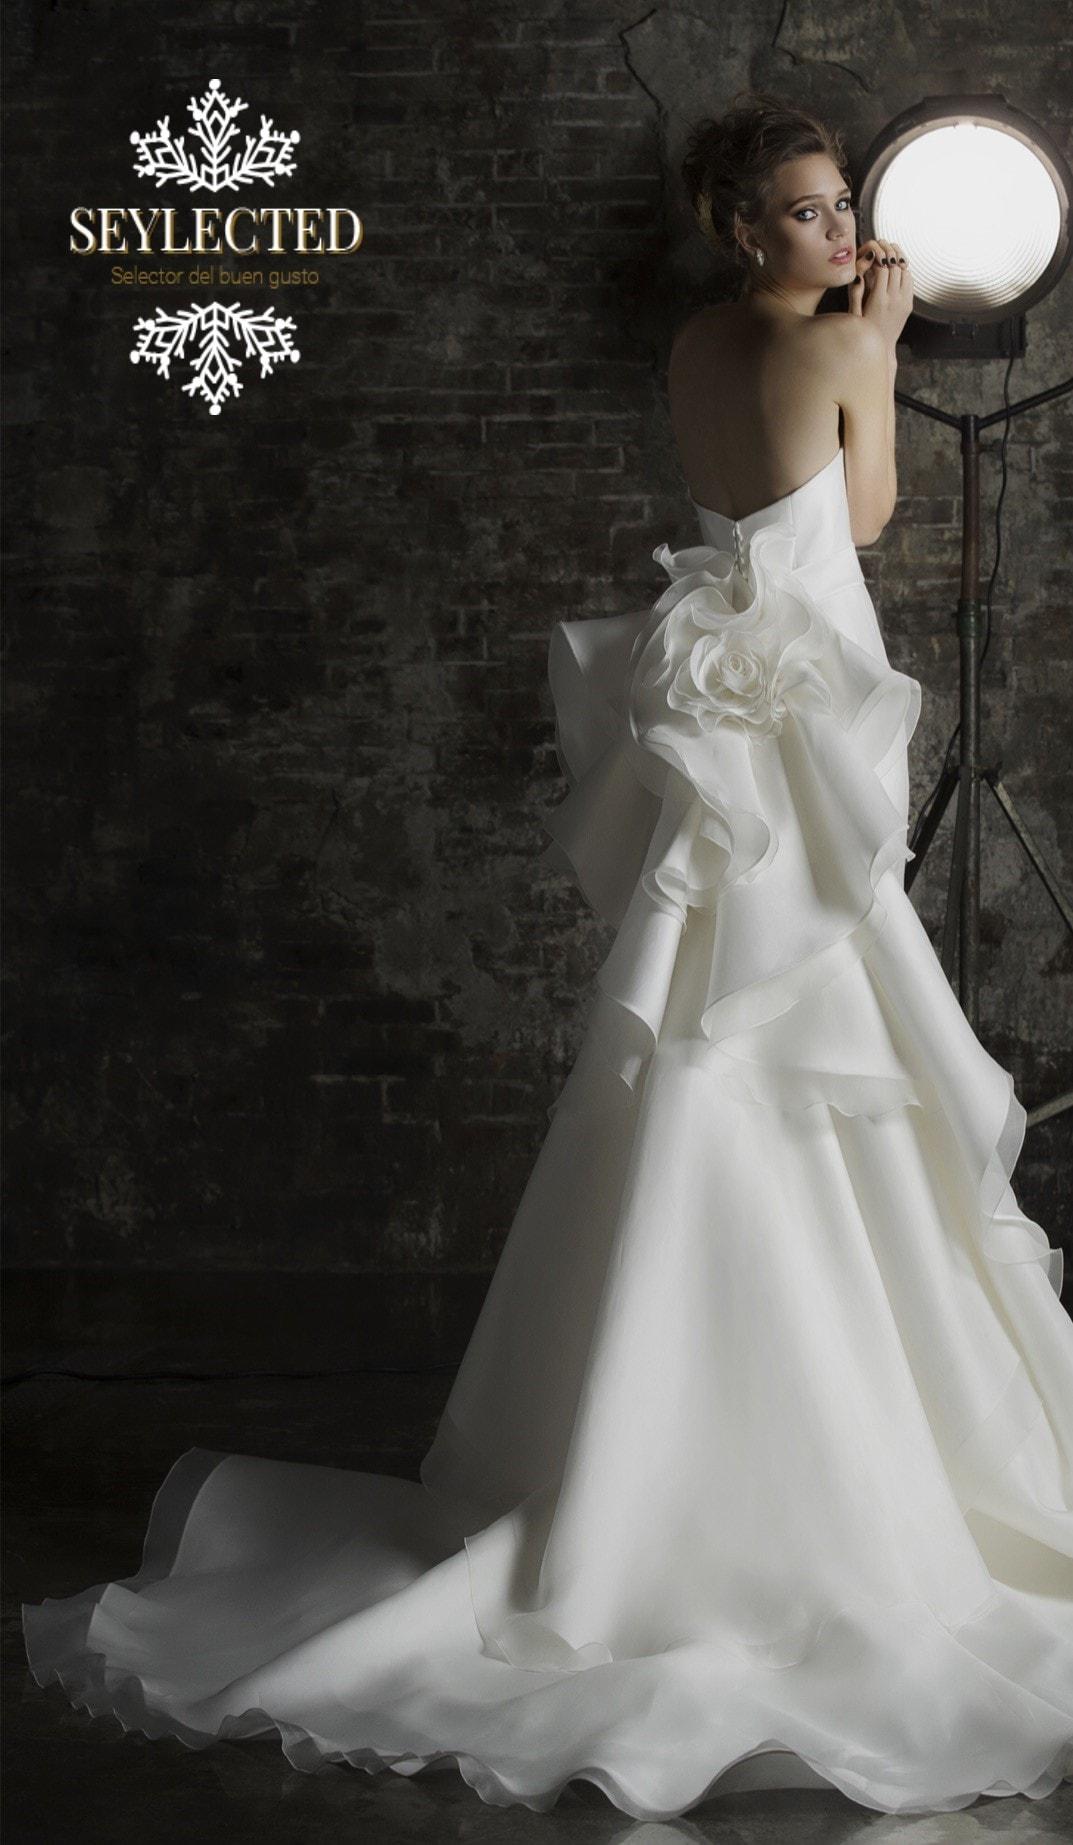 Parece que fuera desprendiendo los pétalos de una rosa blanca. Es un guiño hacia los invitados que pueden disfrutar durante la ceremonia de un diseño tan espectacular.